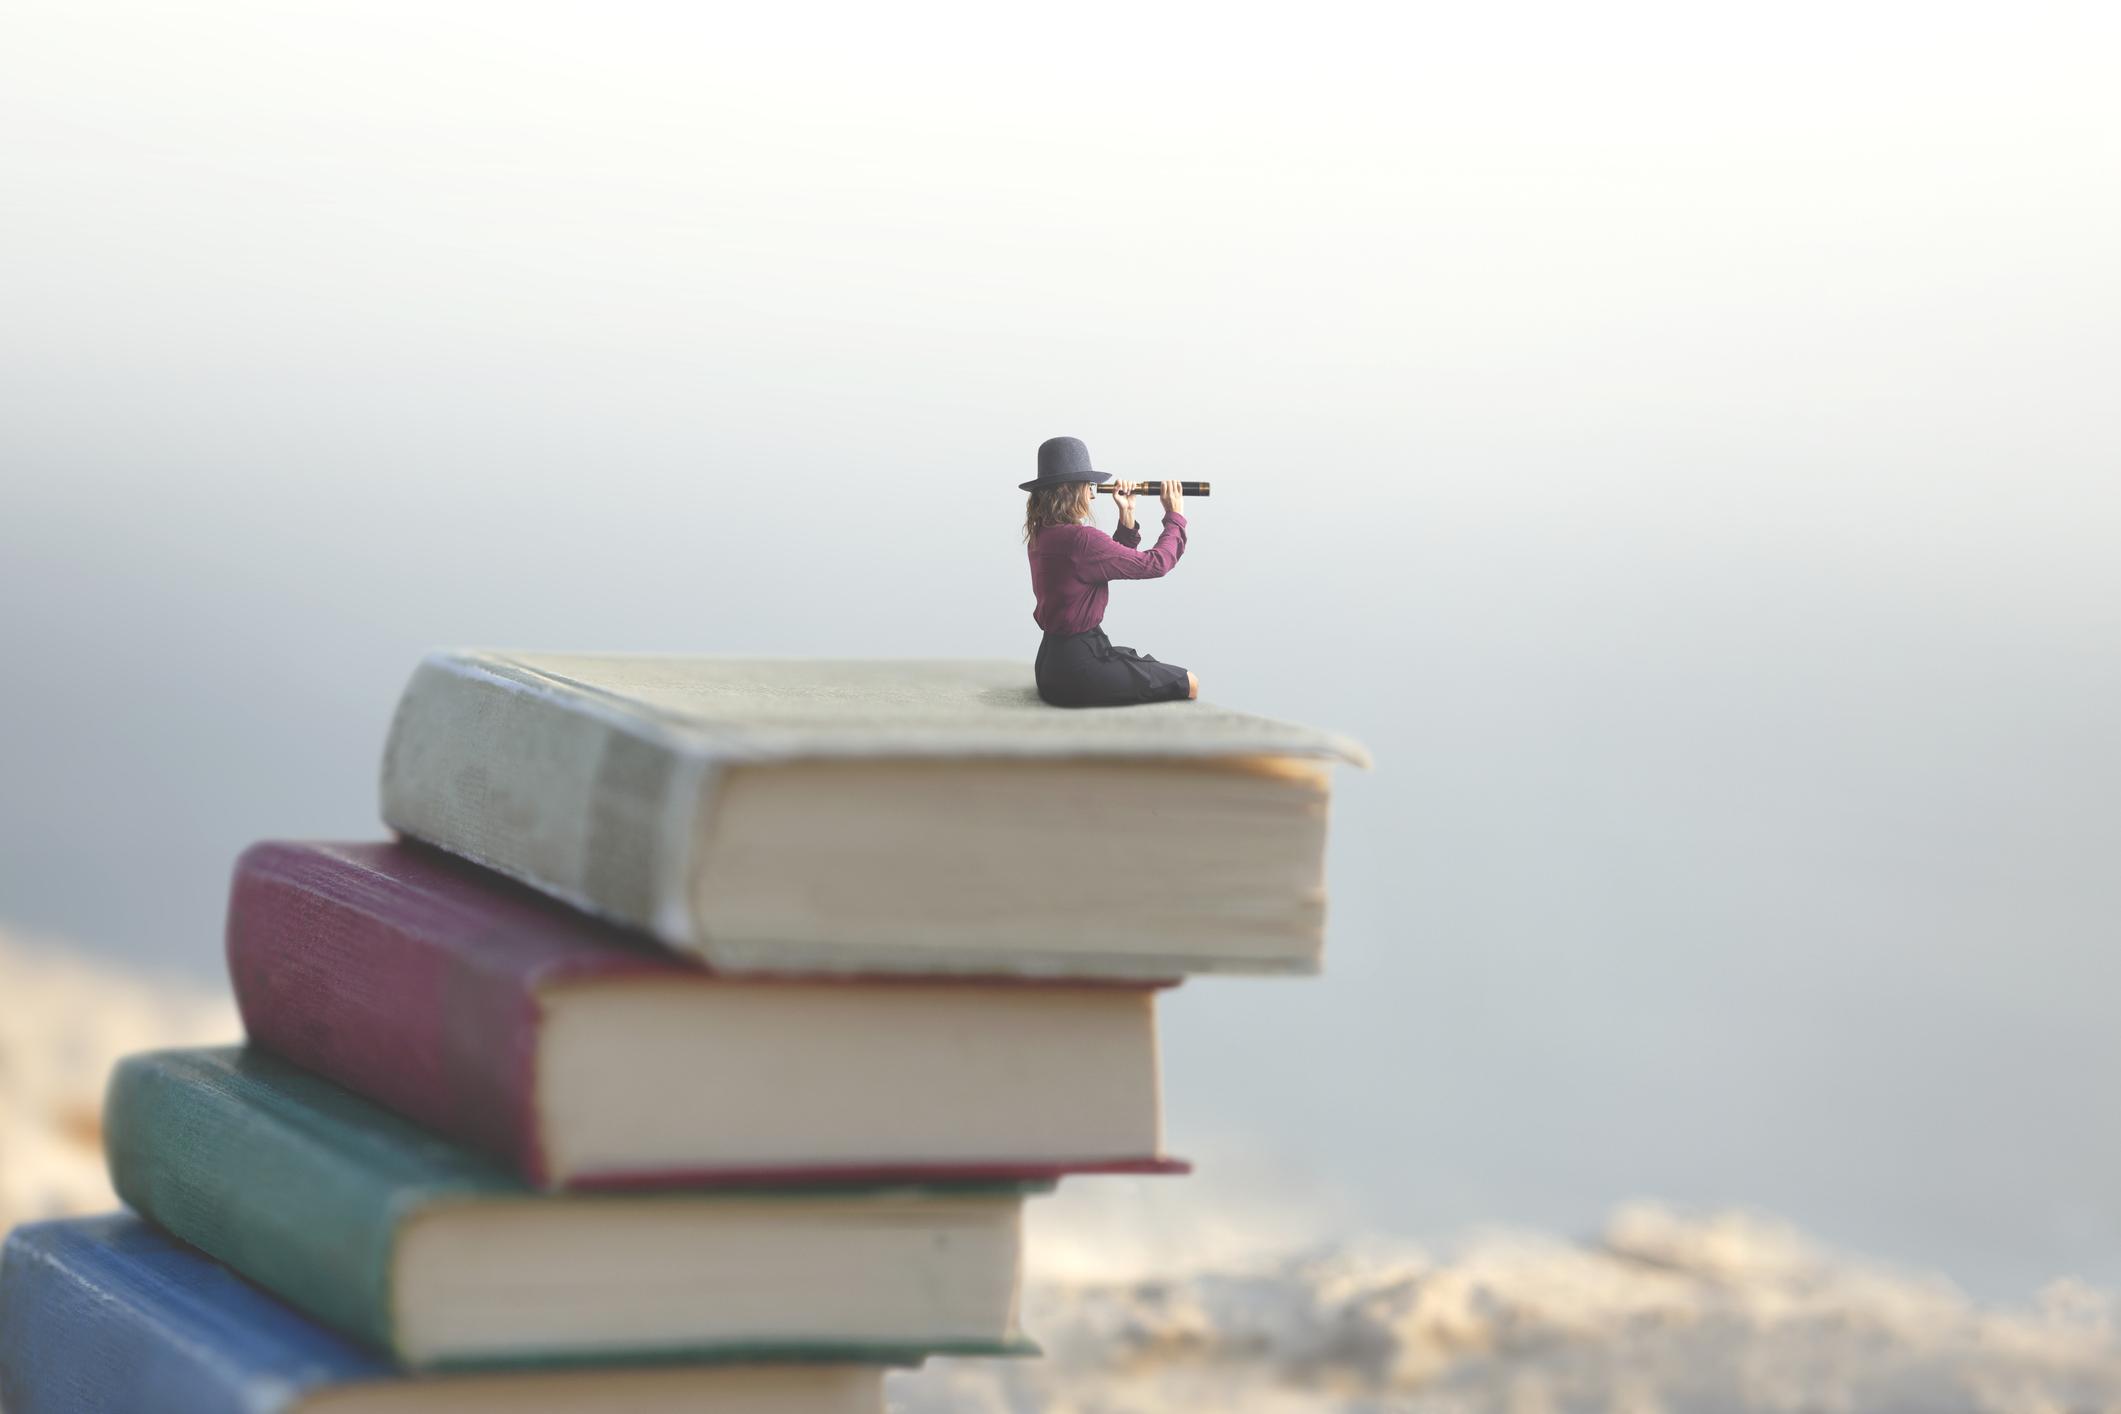 Femme assise sur livre